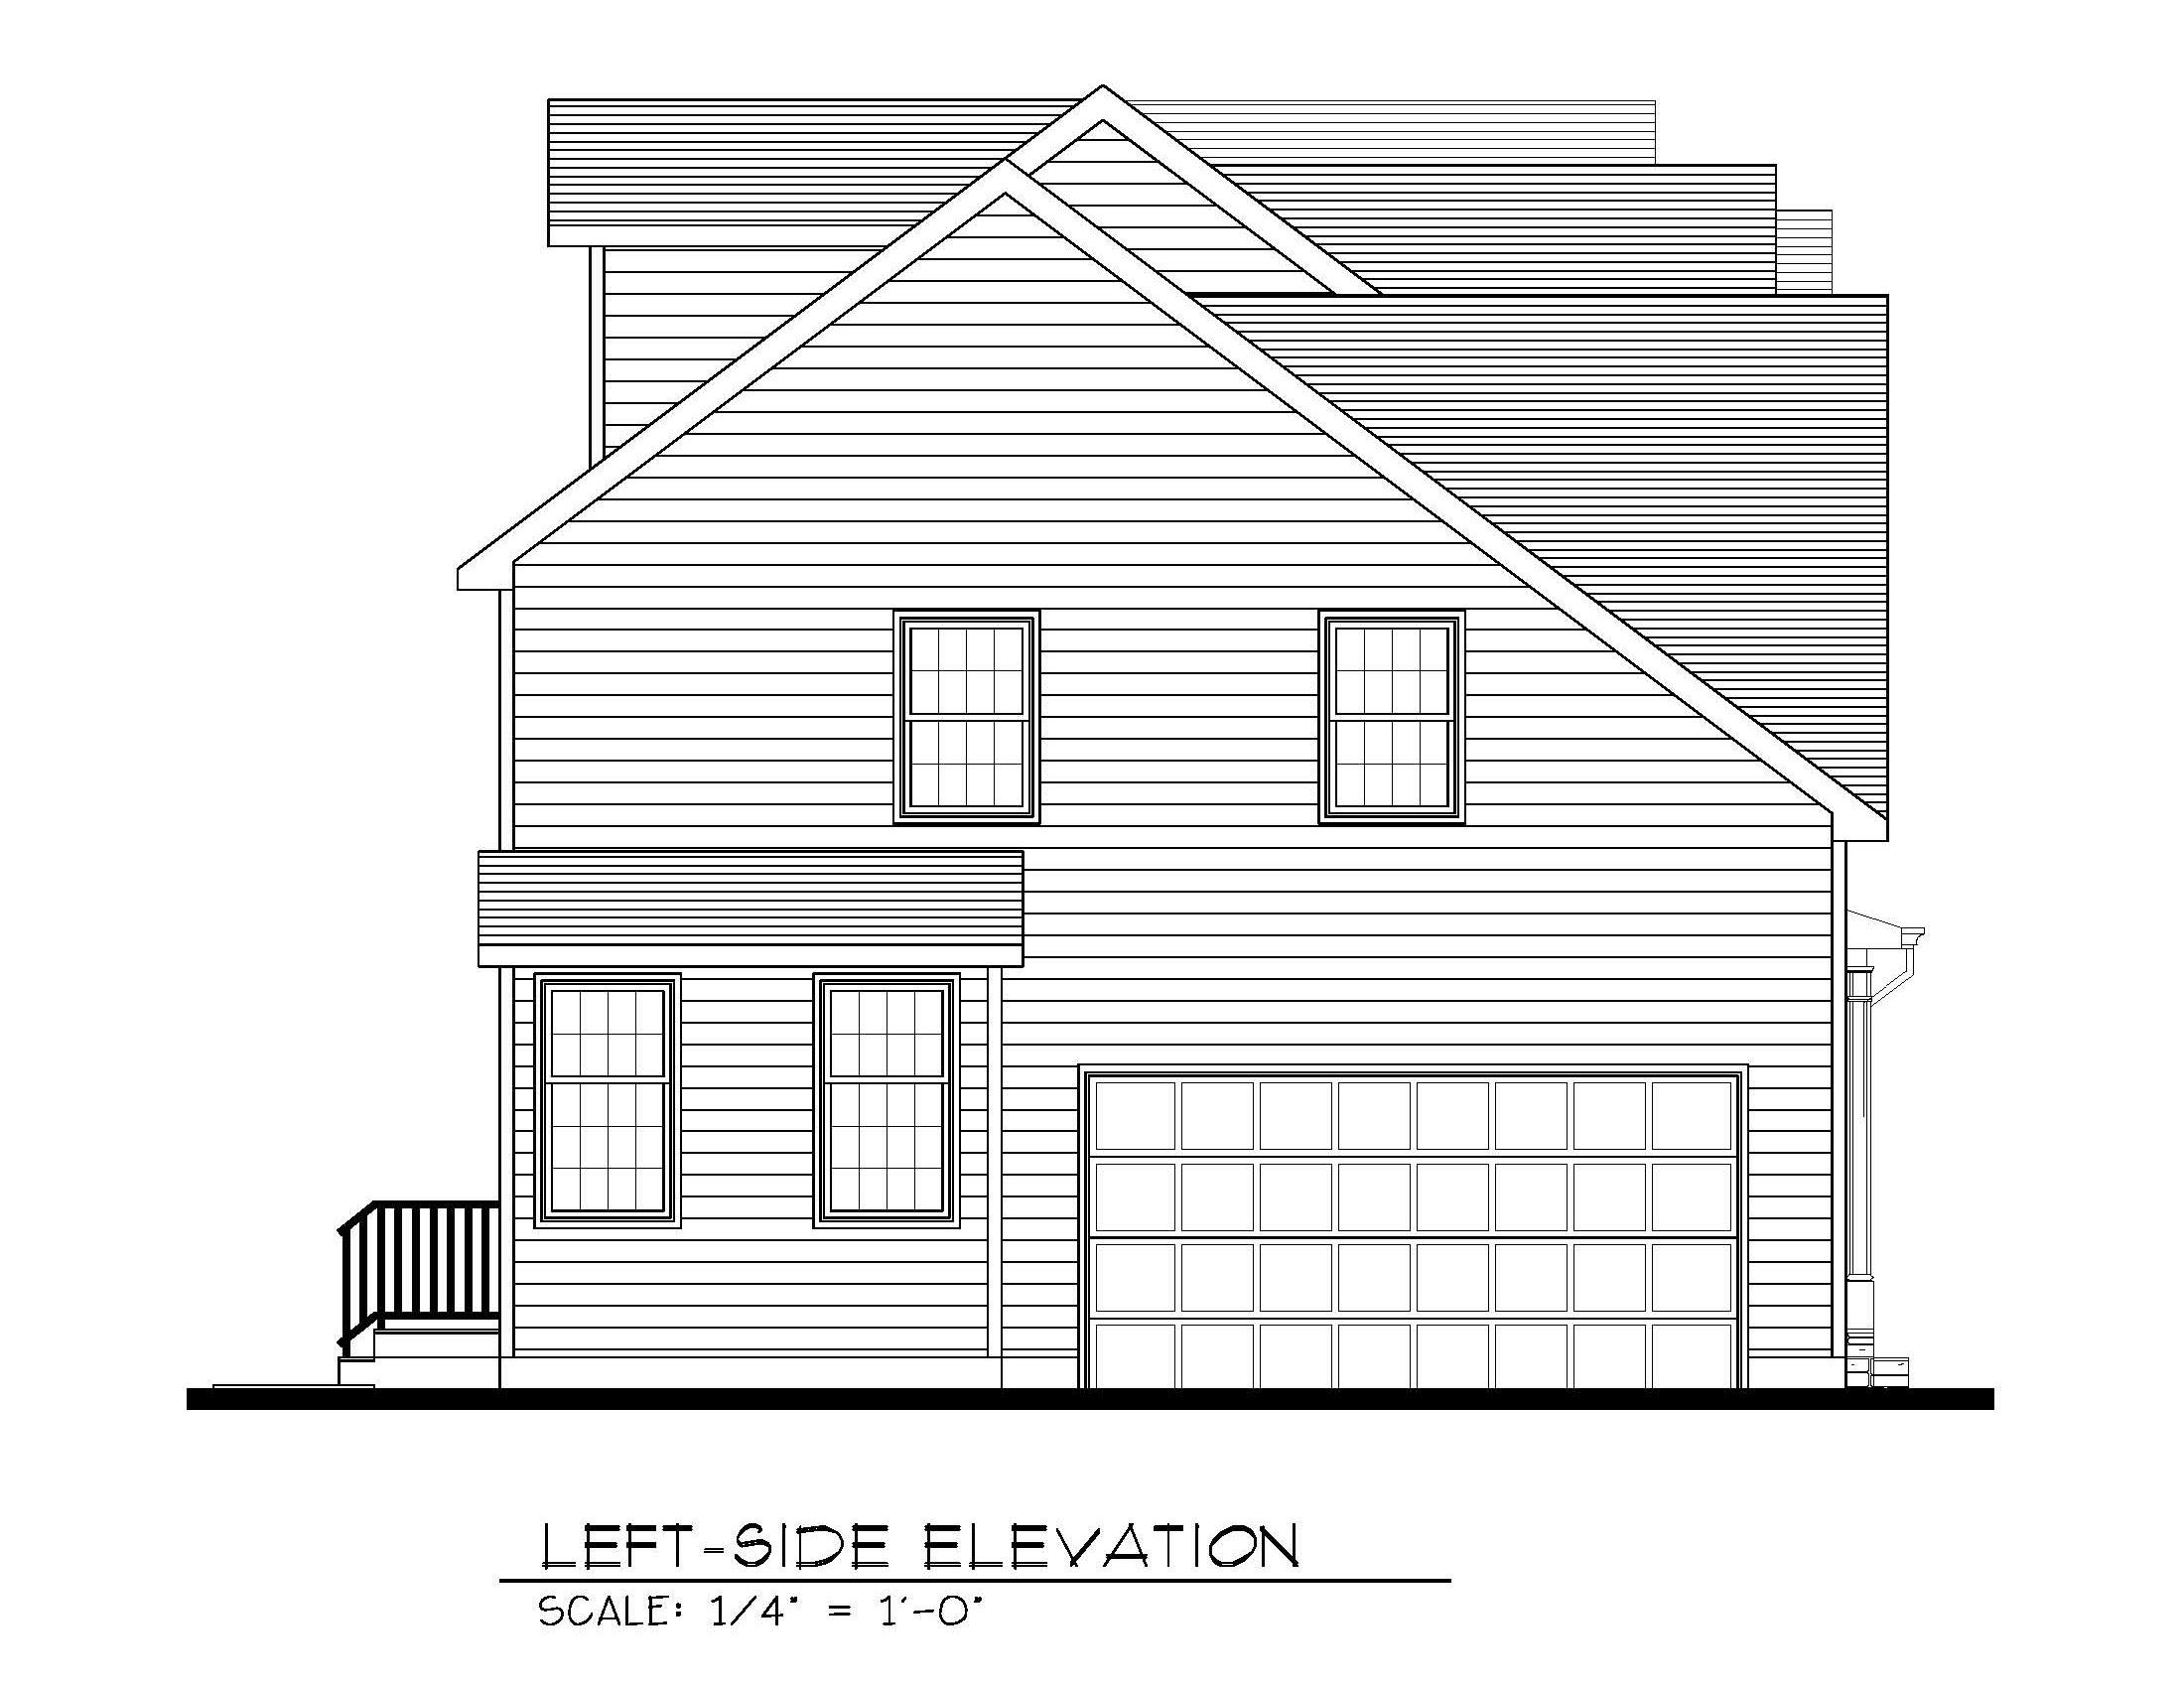 Left Side Elevation-08-16-2021